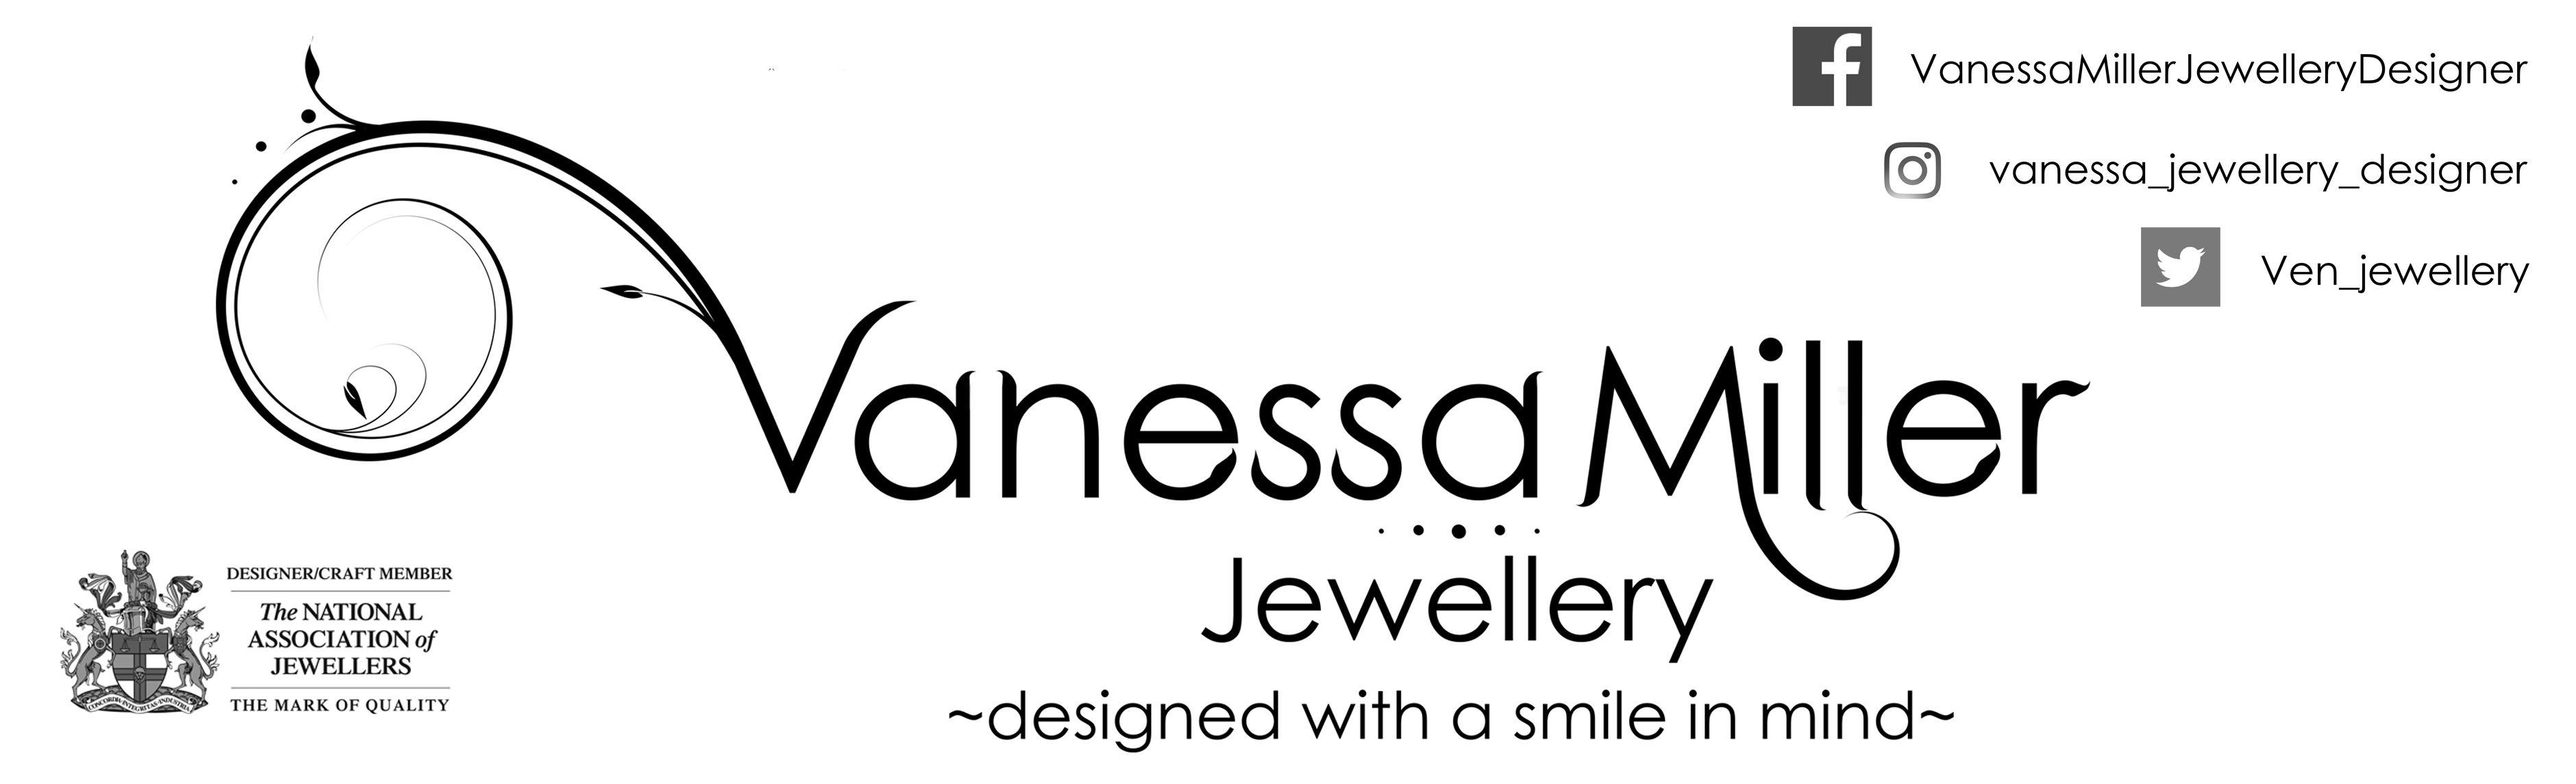 Vanessa Miller Jewellery